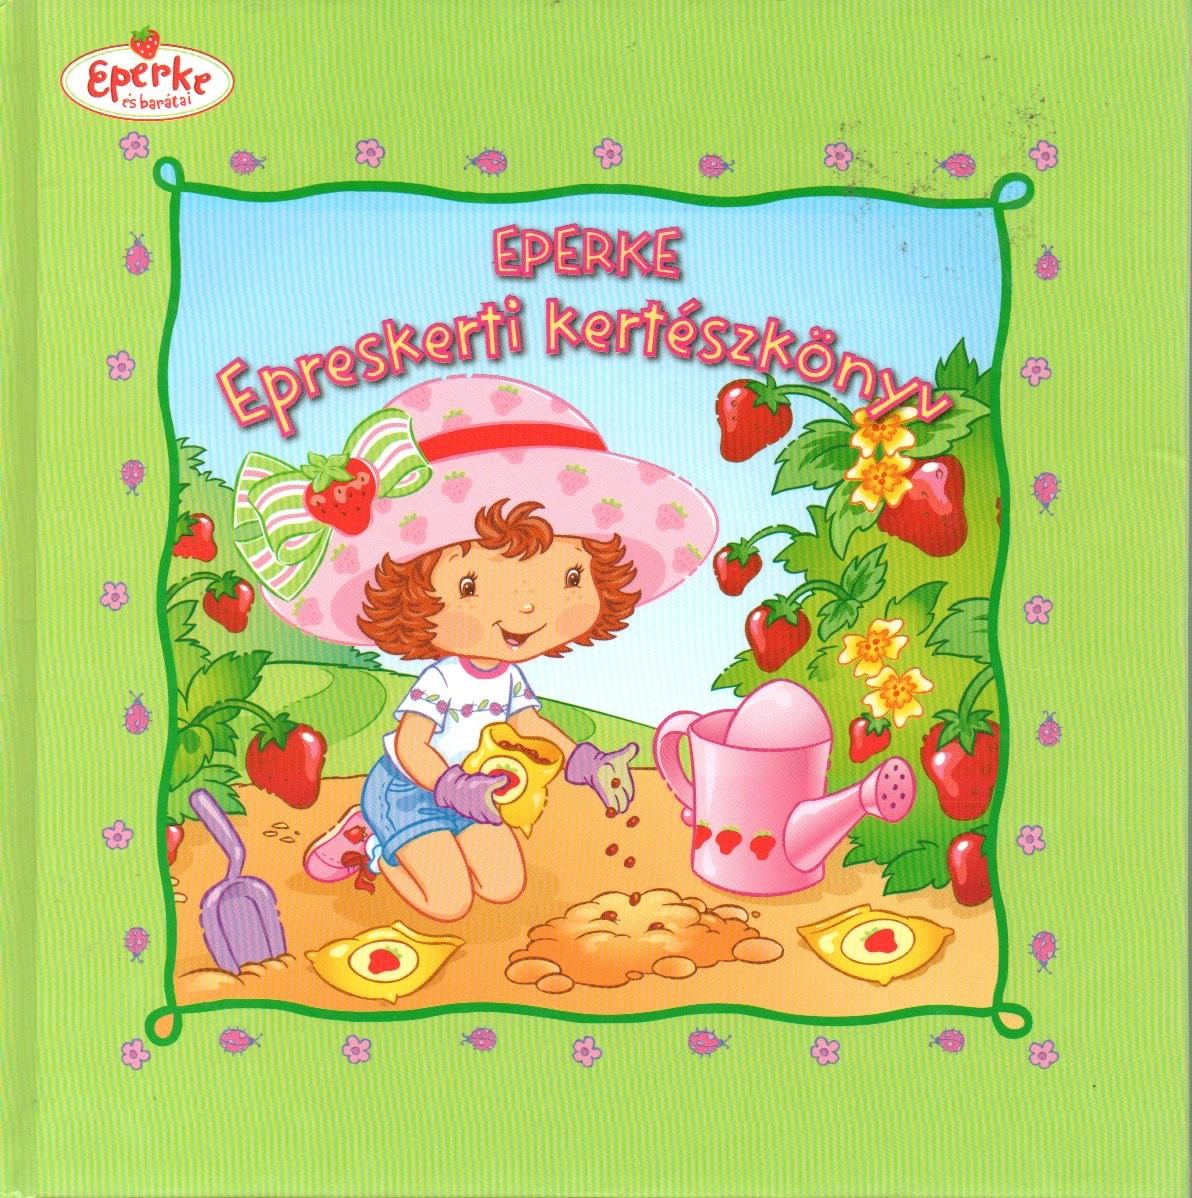 Eperke - Epreskerti kertészkönyv - Megan E. Bryant pdf epub